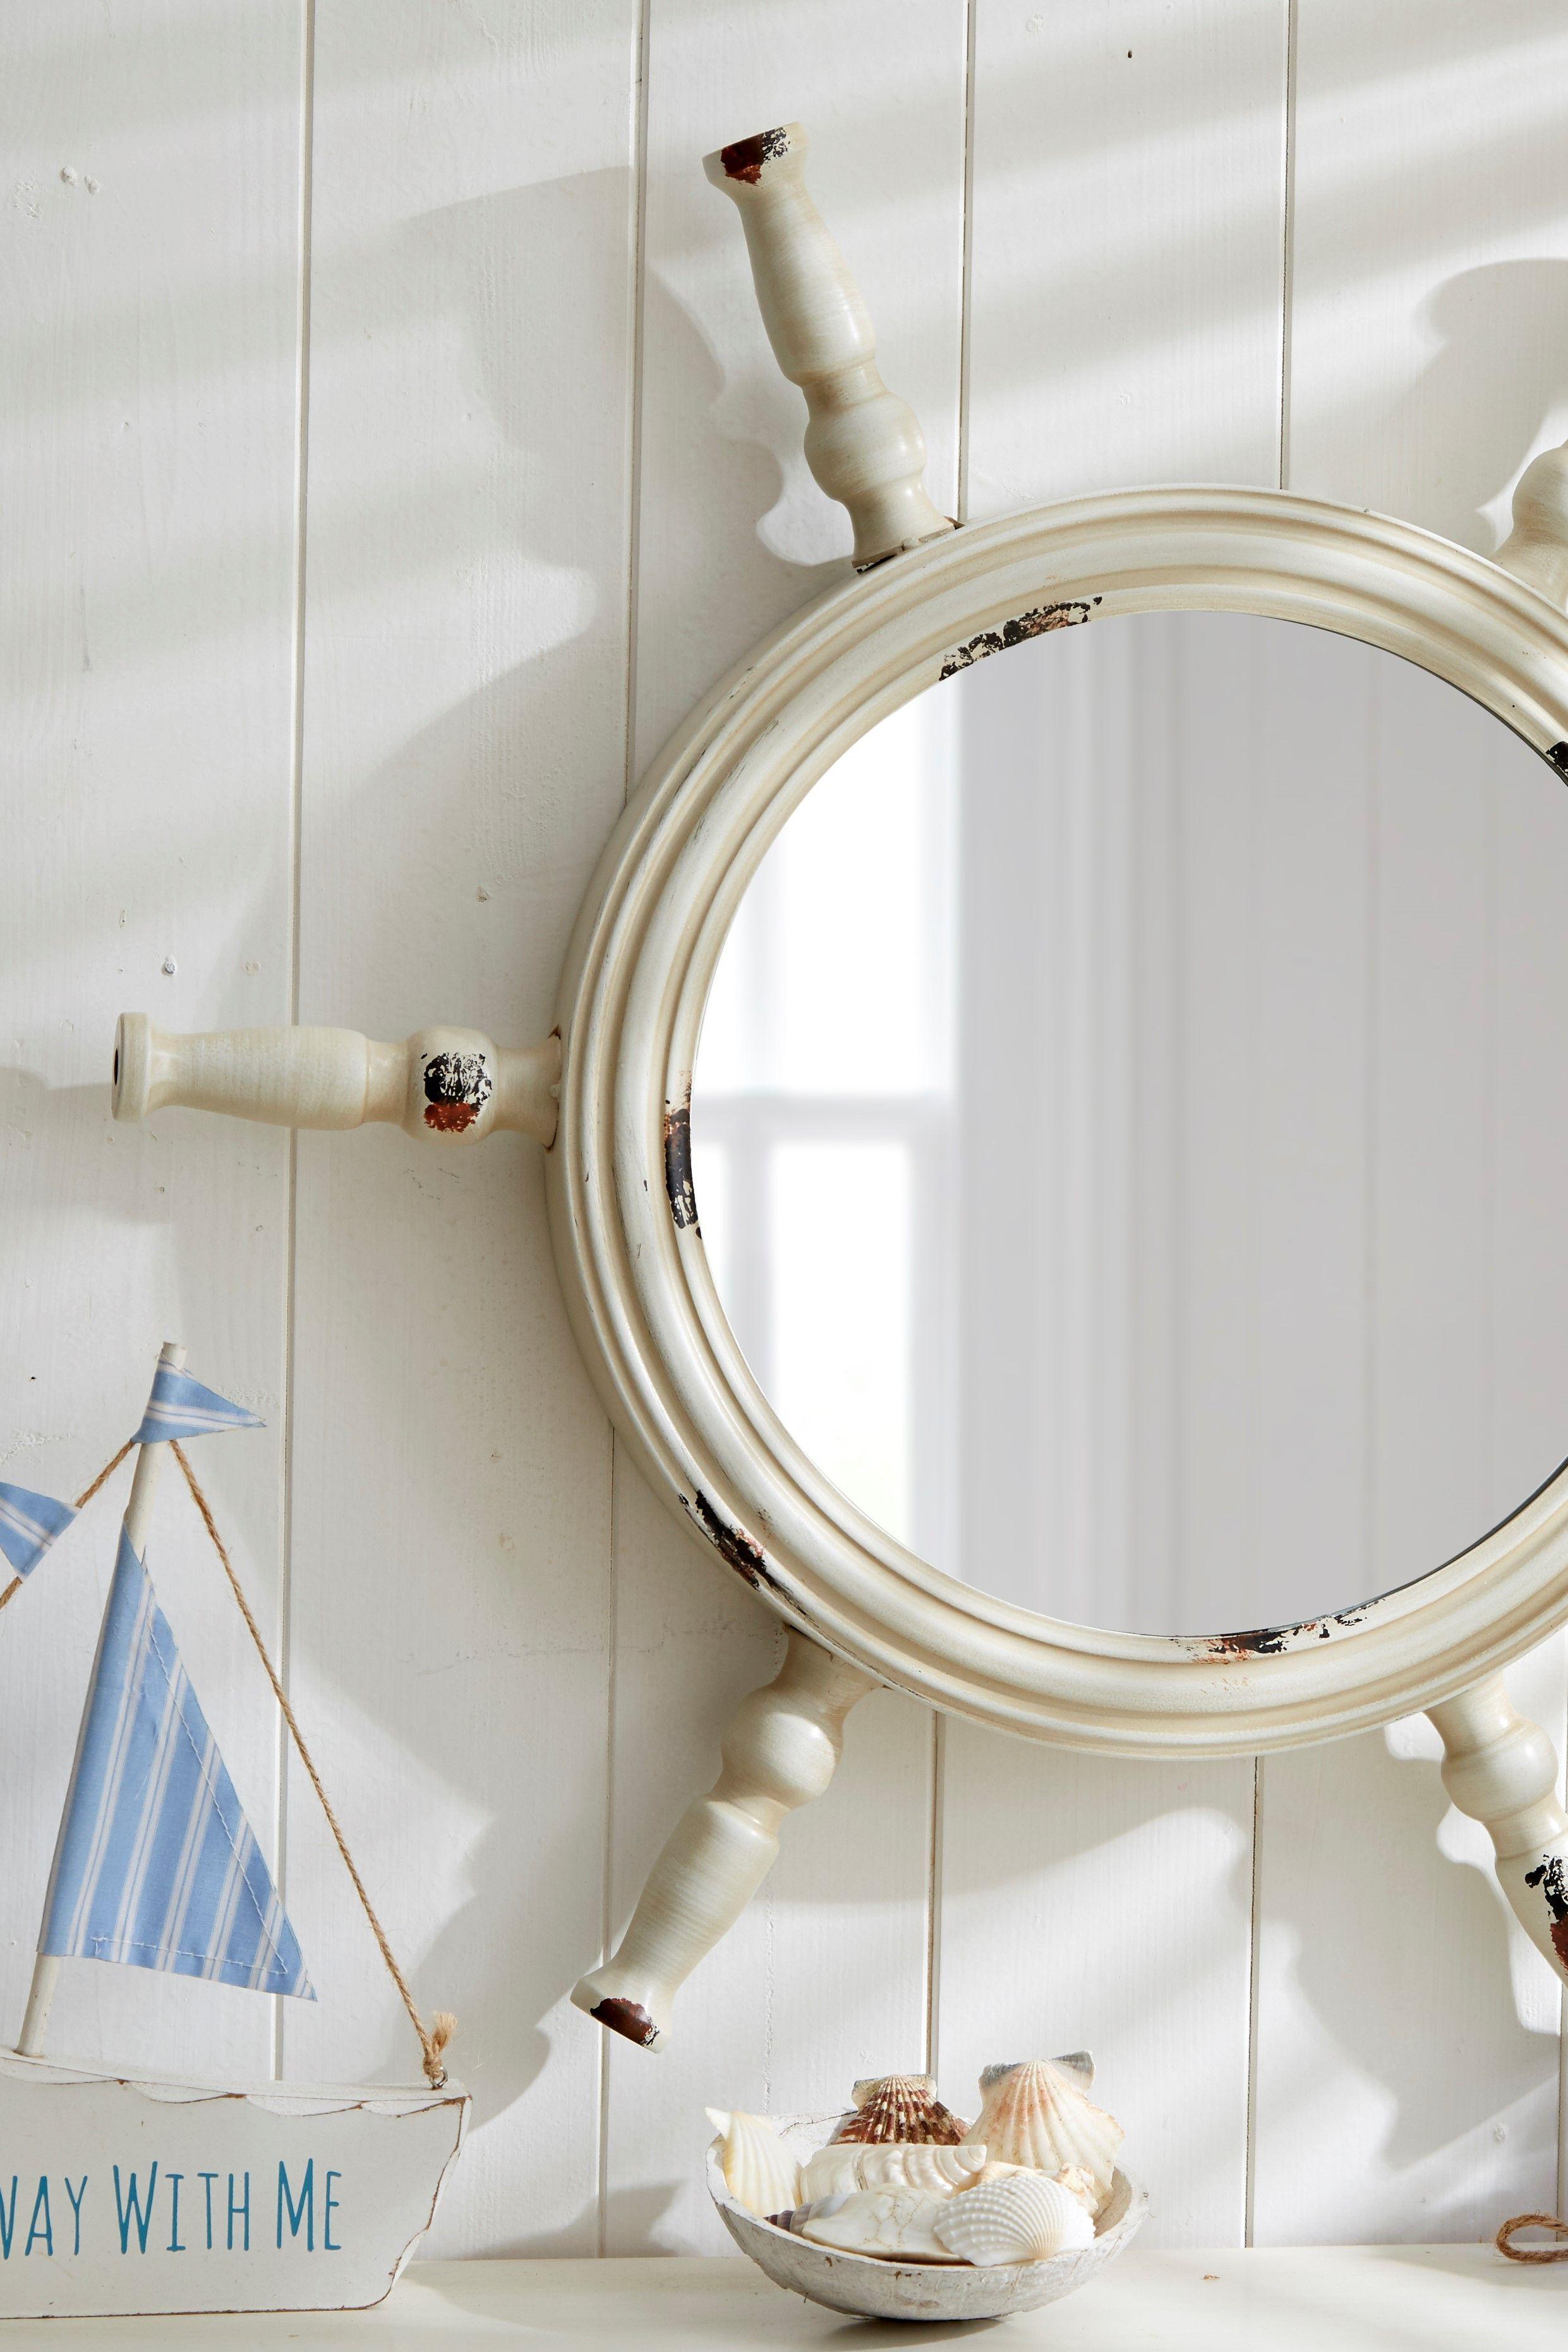 Dekorideen Wandspiegel Brentwood In 2020 Wandspiegel Wc Spiegel Maritime Einrichtung